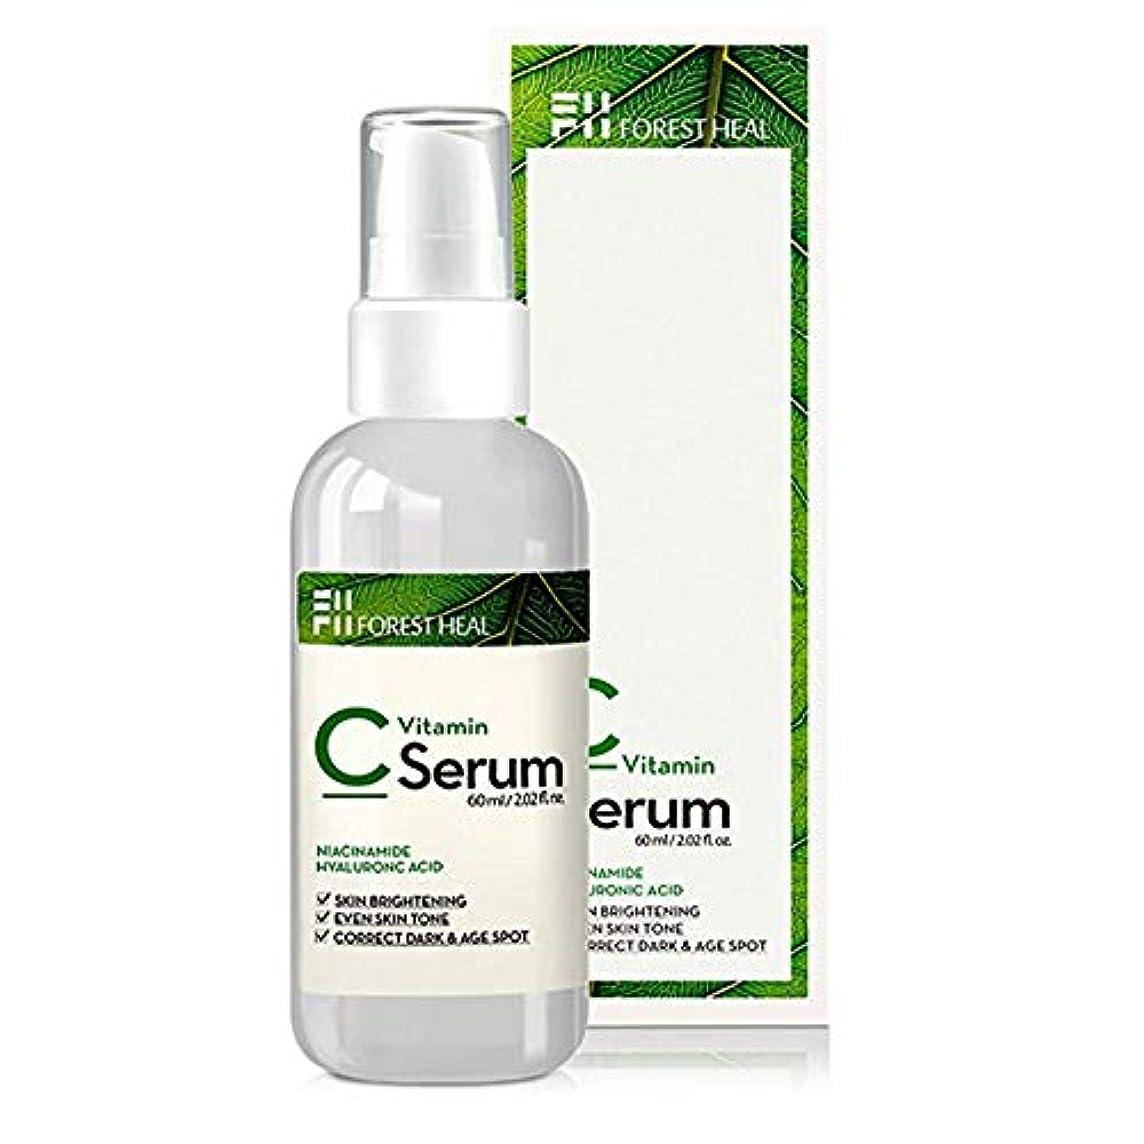 確率真実に誇張するフォレストヒール Cセラム FOREST HEAL VITAMIN C Serum オーガニック ビタミンセラム ビタミン美容液 肌トラブル改善 敏感肌 トラブル肌 ツヤ肌 すべすべ肌 透明感 美白 セラム 美容液